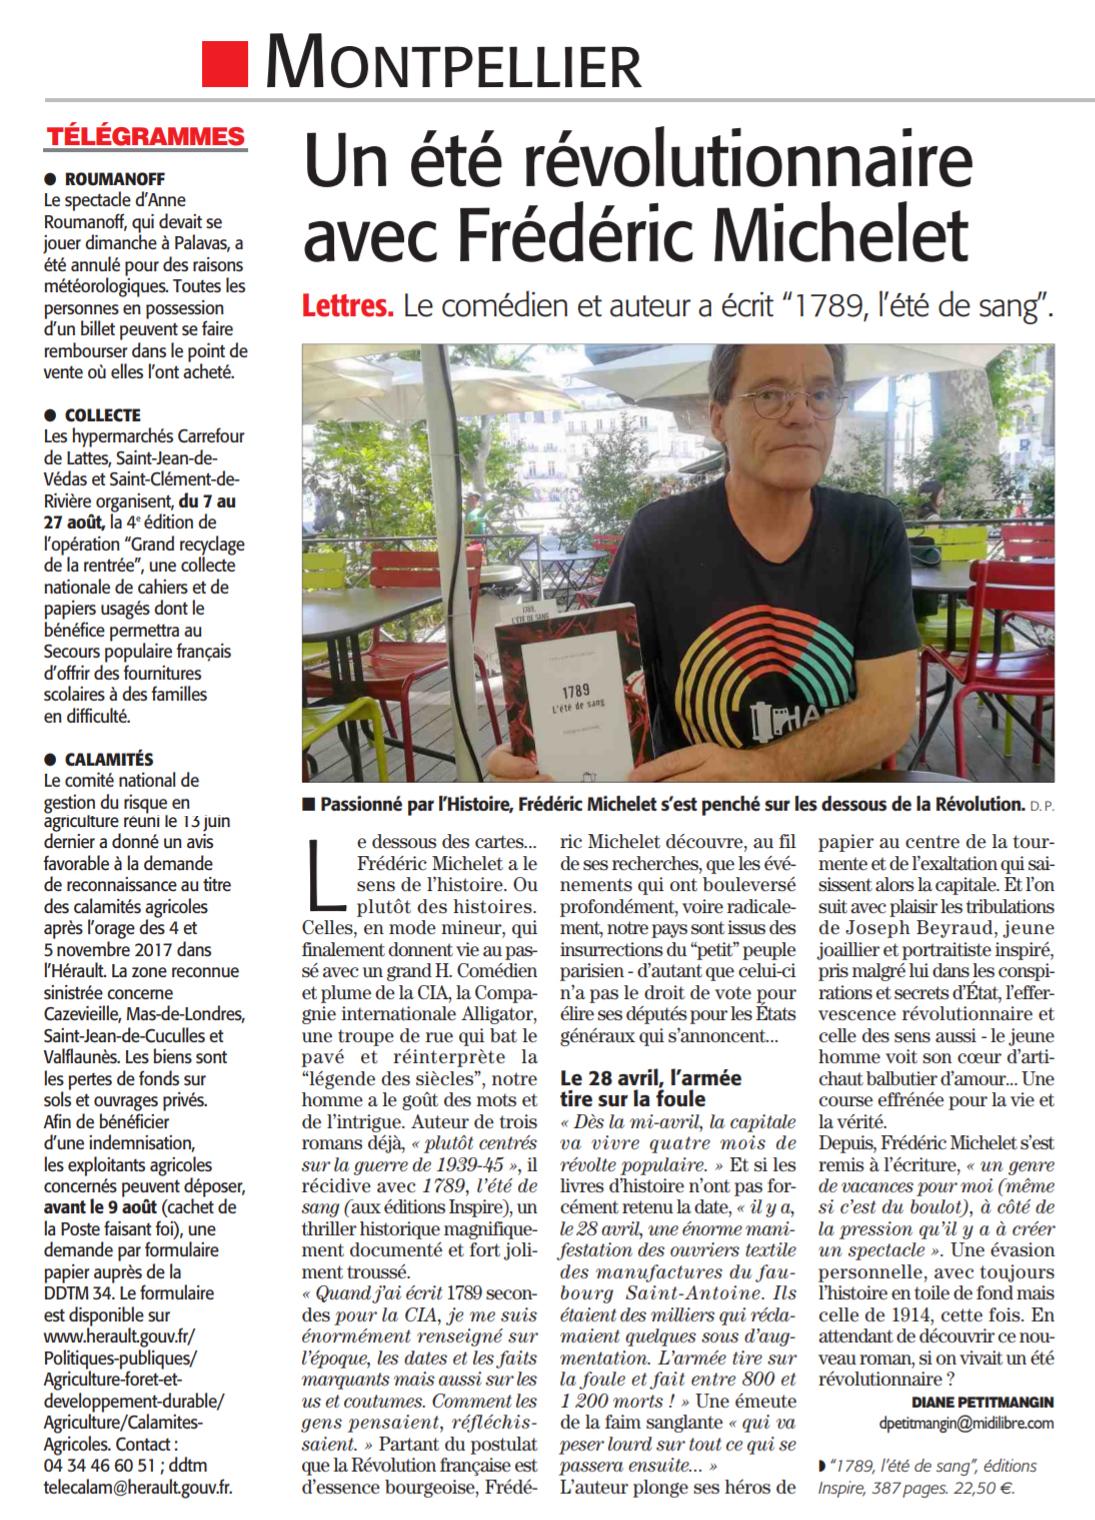 Frédéric Michelet dans le Midi Libre